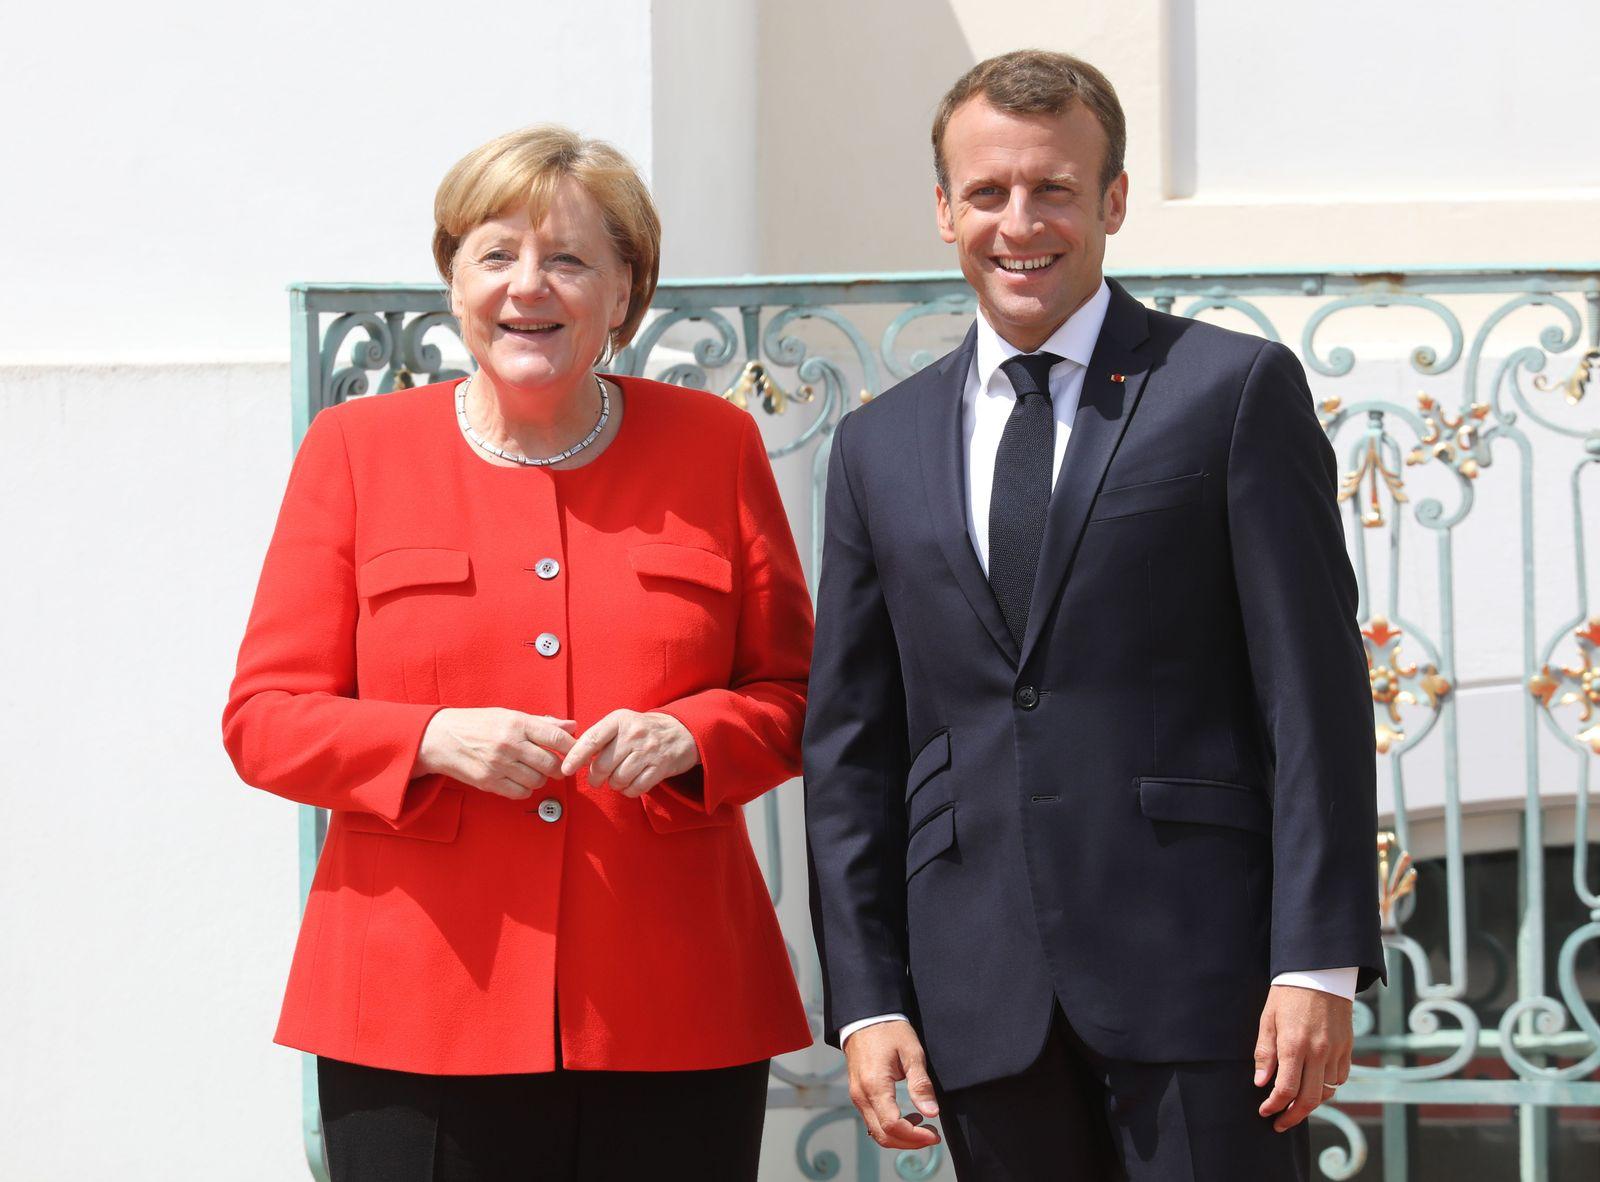 GERMANY-FRANCE-EU-POLITICS-MIGRANTS